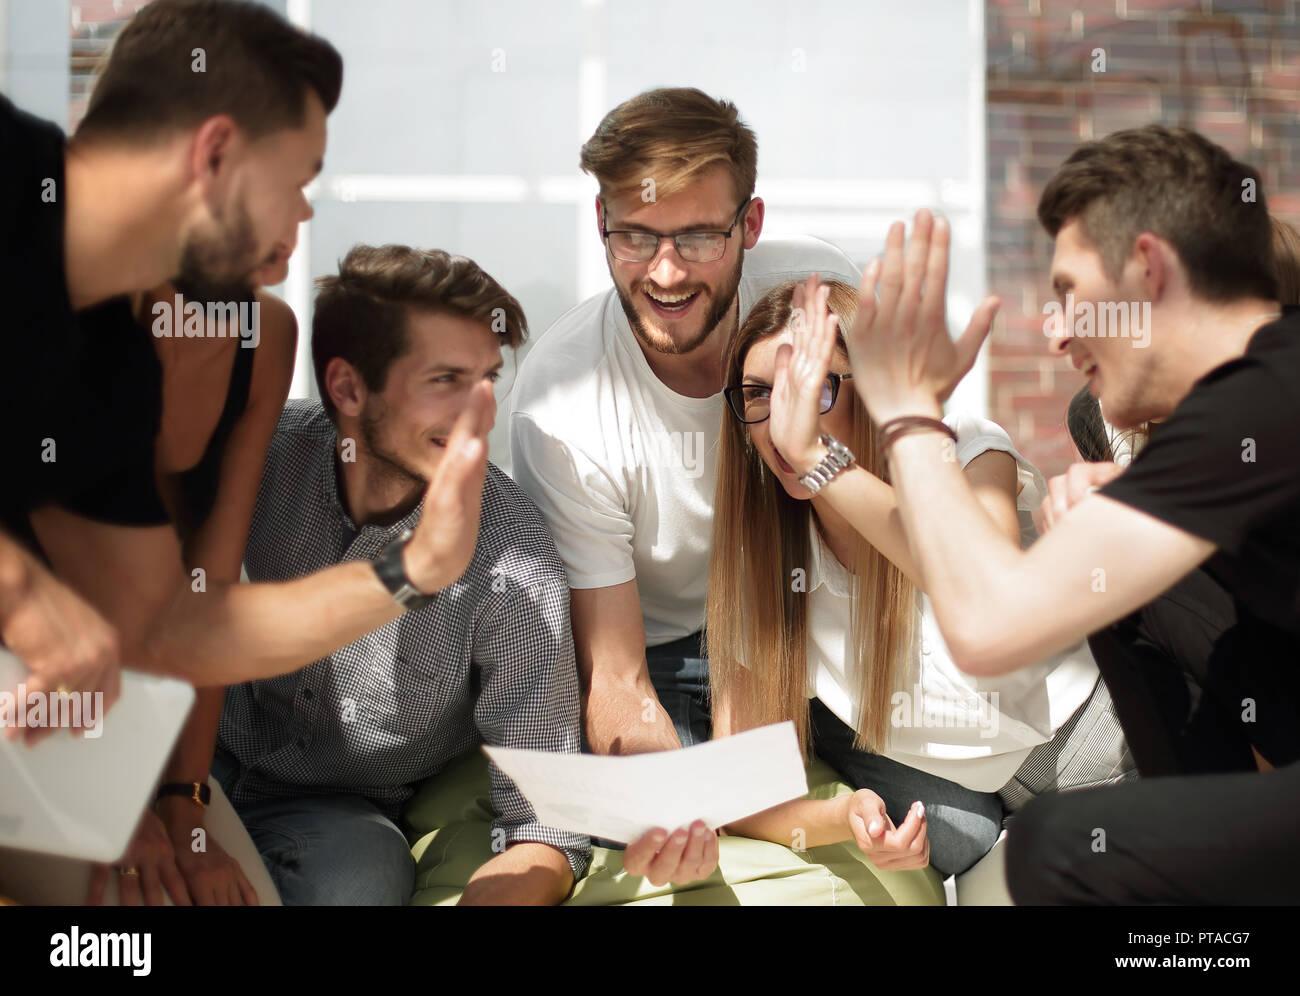 Jungunternehmer geben einen hohen fünf in einer informellen Sitzung Stockbild